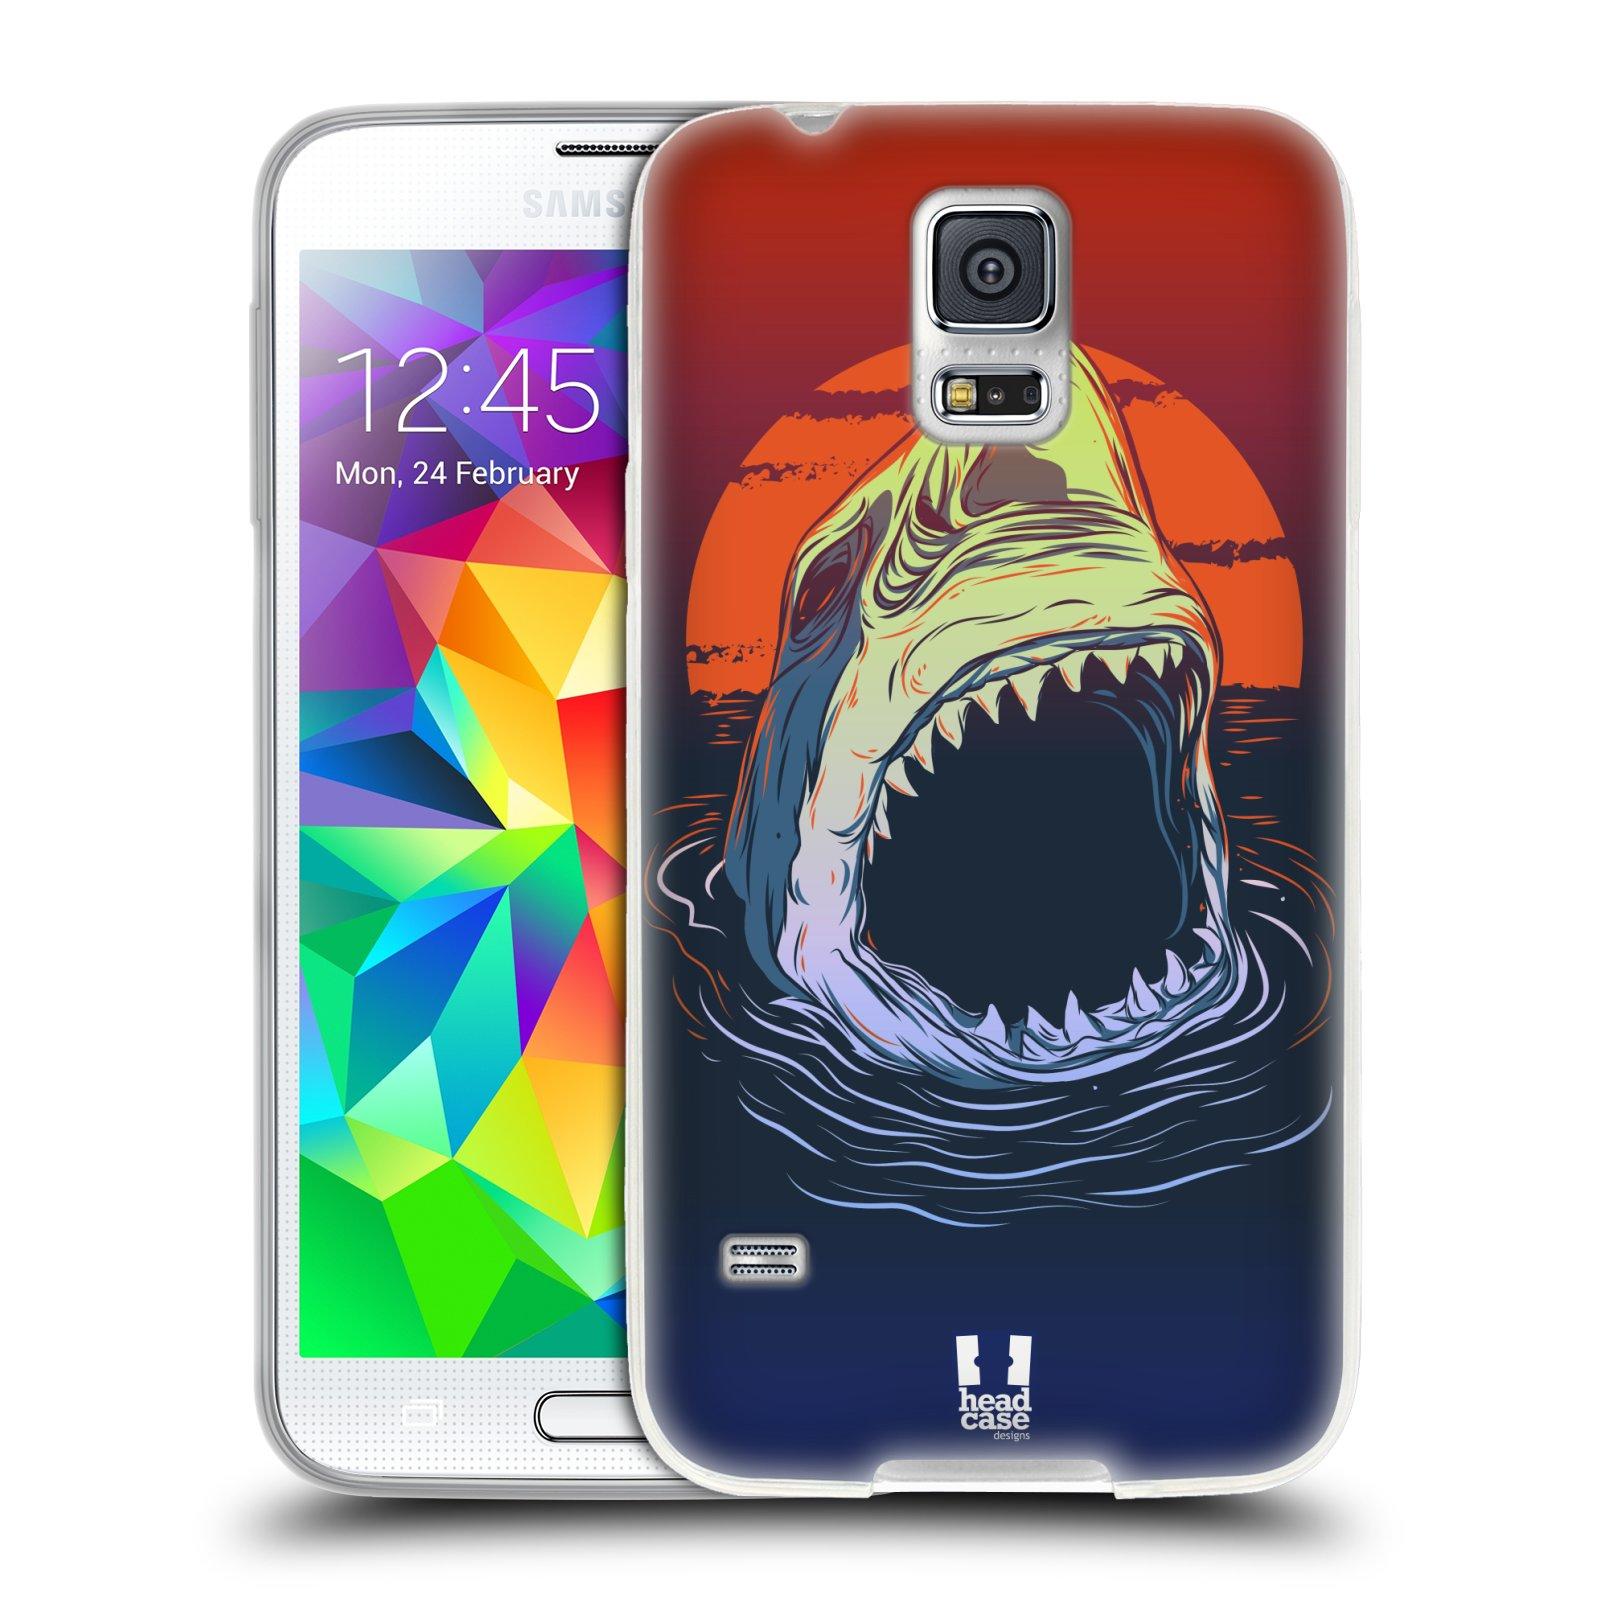 Silikonové pouzdro na mobil Samsung Galaxy S5 HEAD CASE HLADOVÝ ŽRALOK (Silikonový kryt či obal na mobilní telefon Samsung Galaxy S5 SM-G900F)